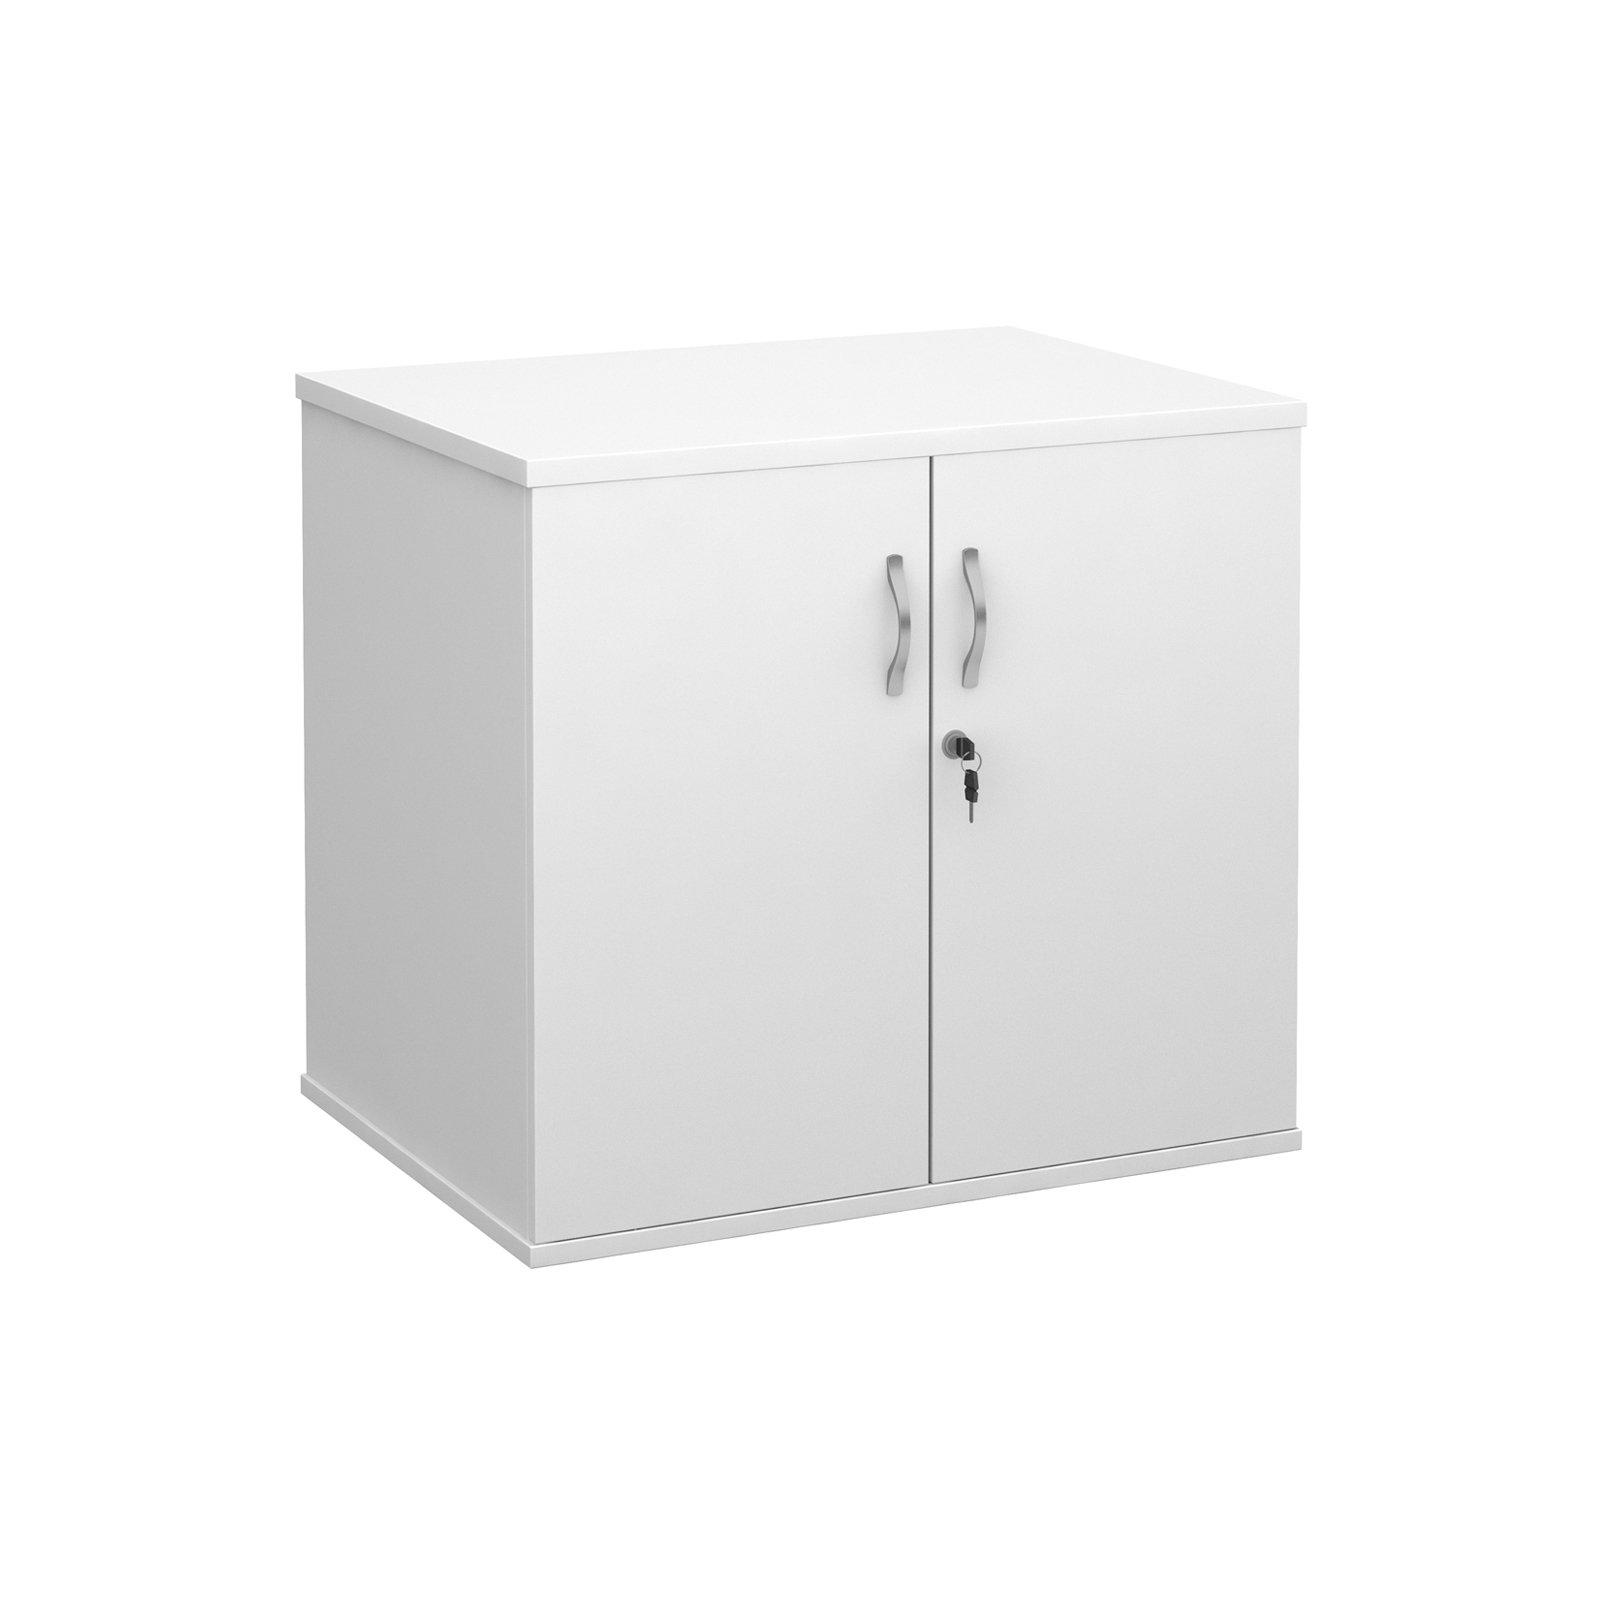 white double door. Deluxe Double Door Desk High Cupboard 600mm Deep - White